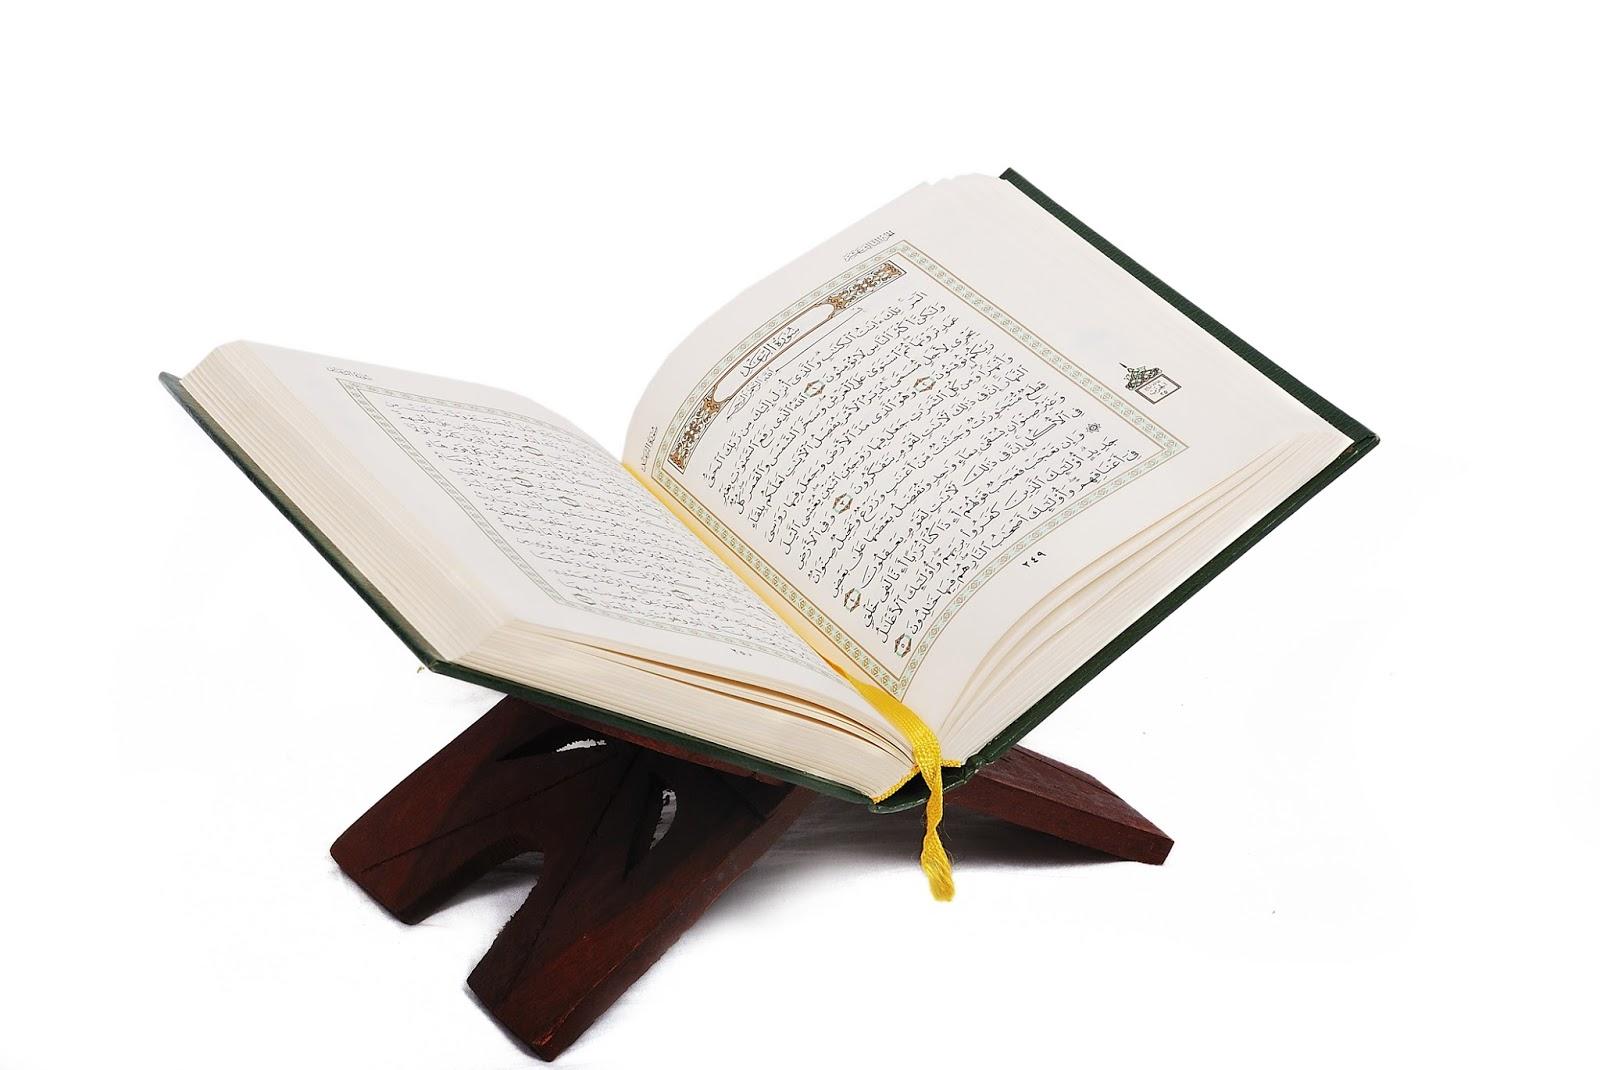 Unduh 100+ Gambar Kartun Al Quran Paling Baru Gratis